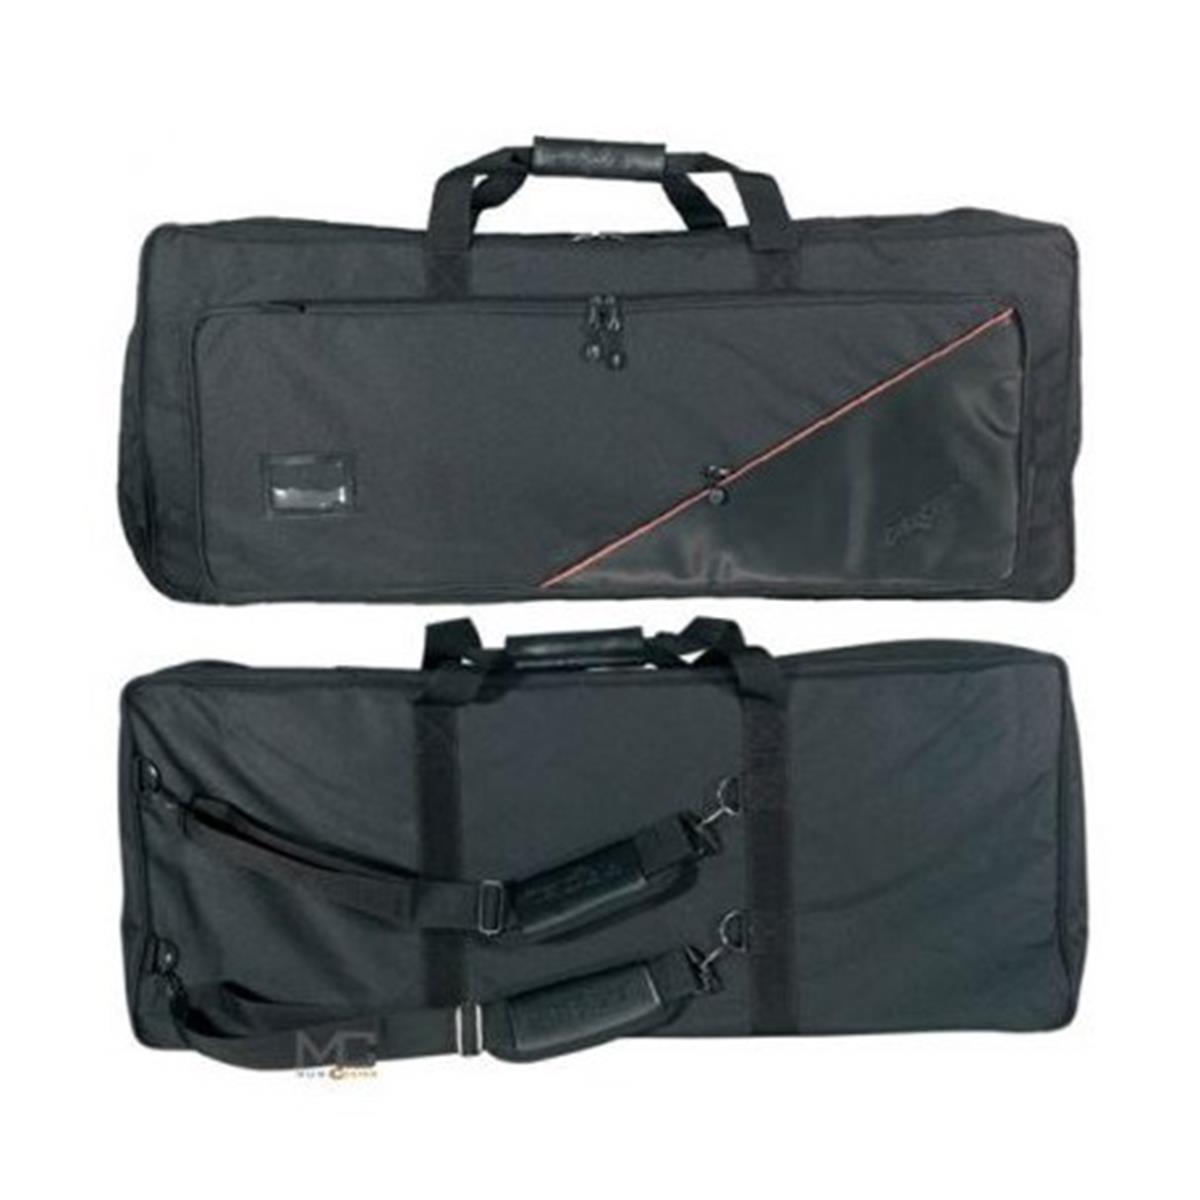 PROEL-BAG-920P-BORSA-PER-TASTIERA-sku-14538